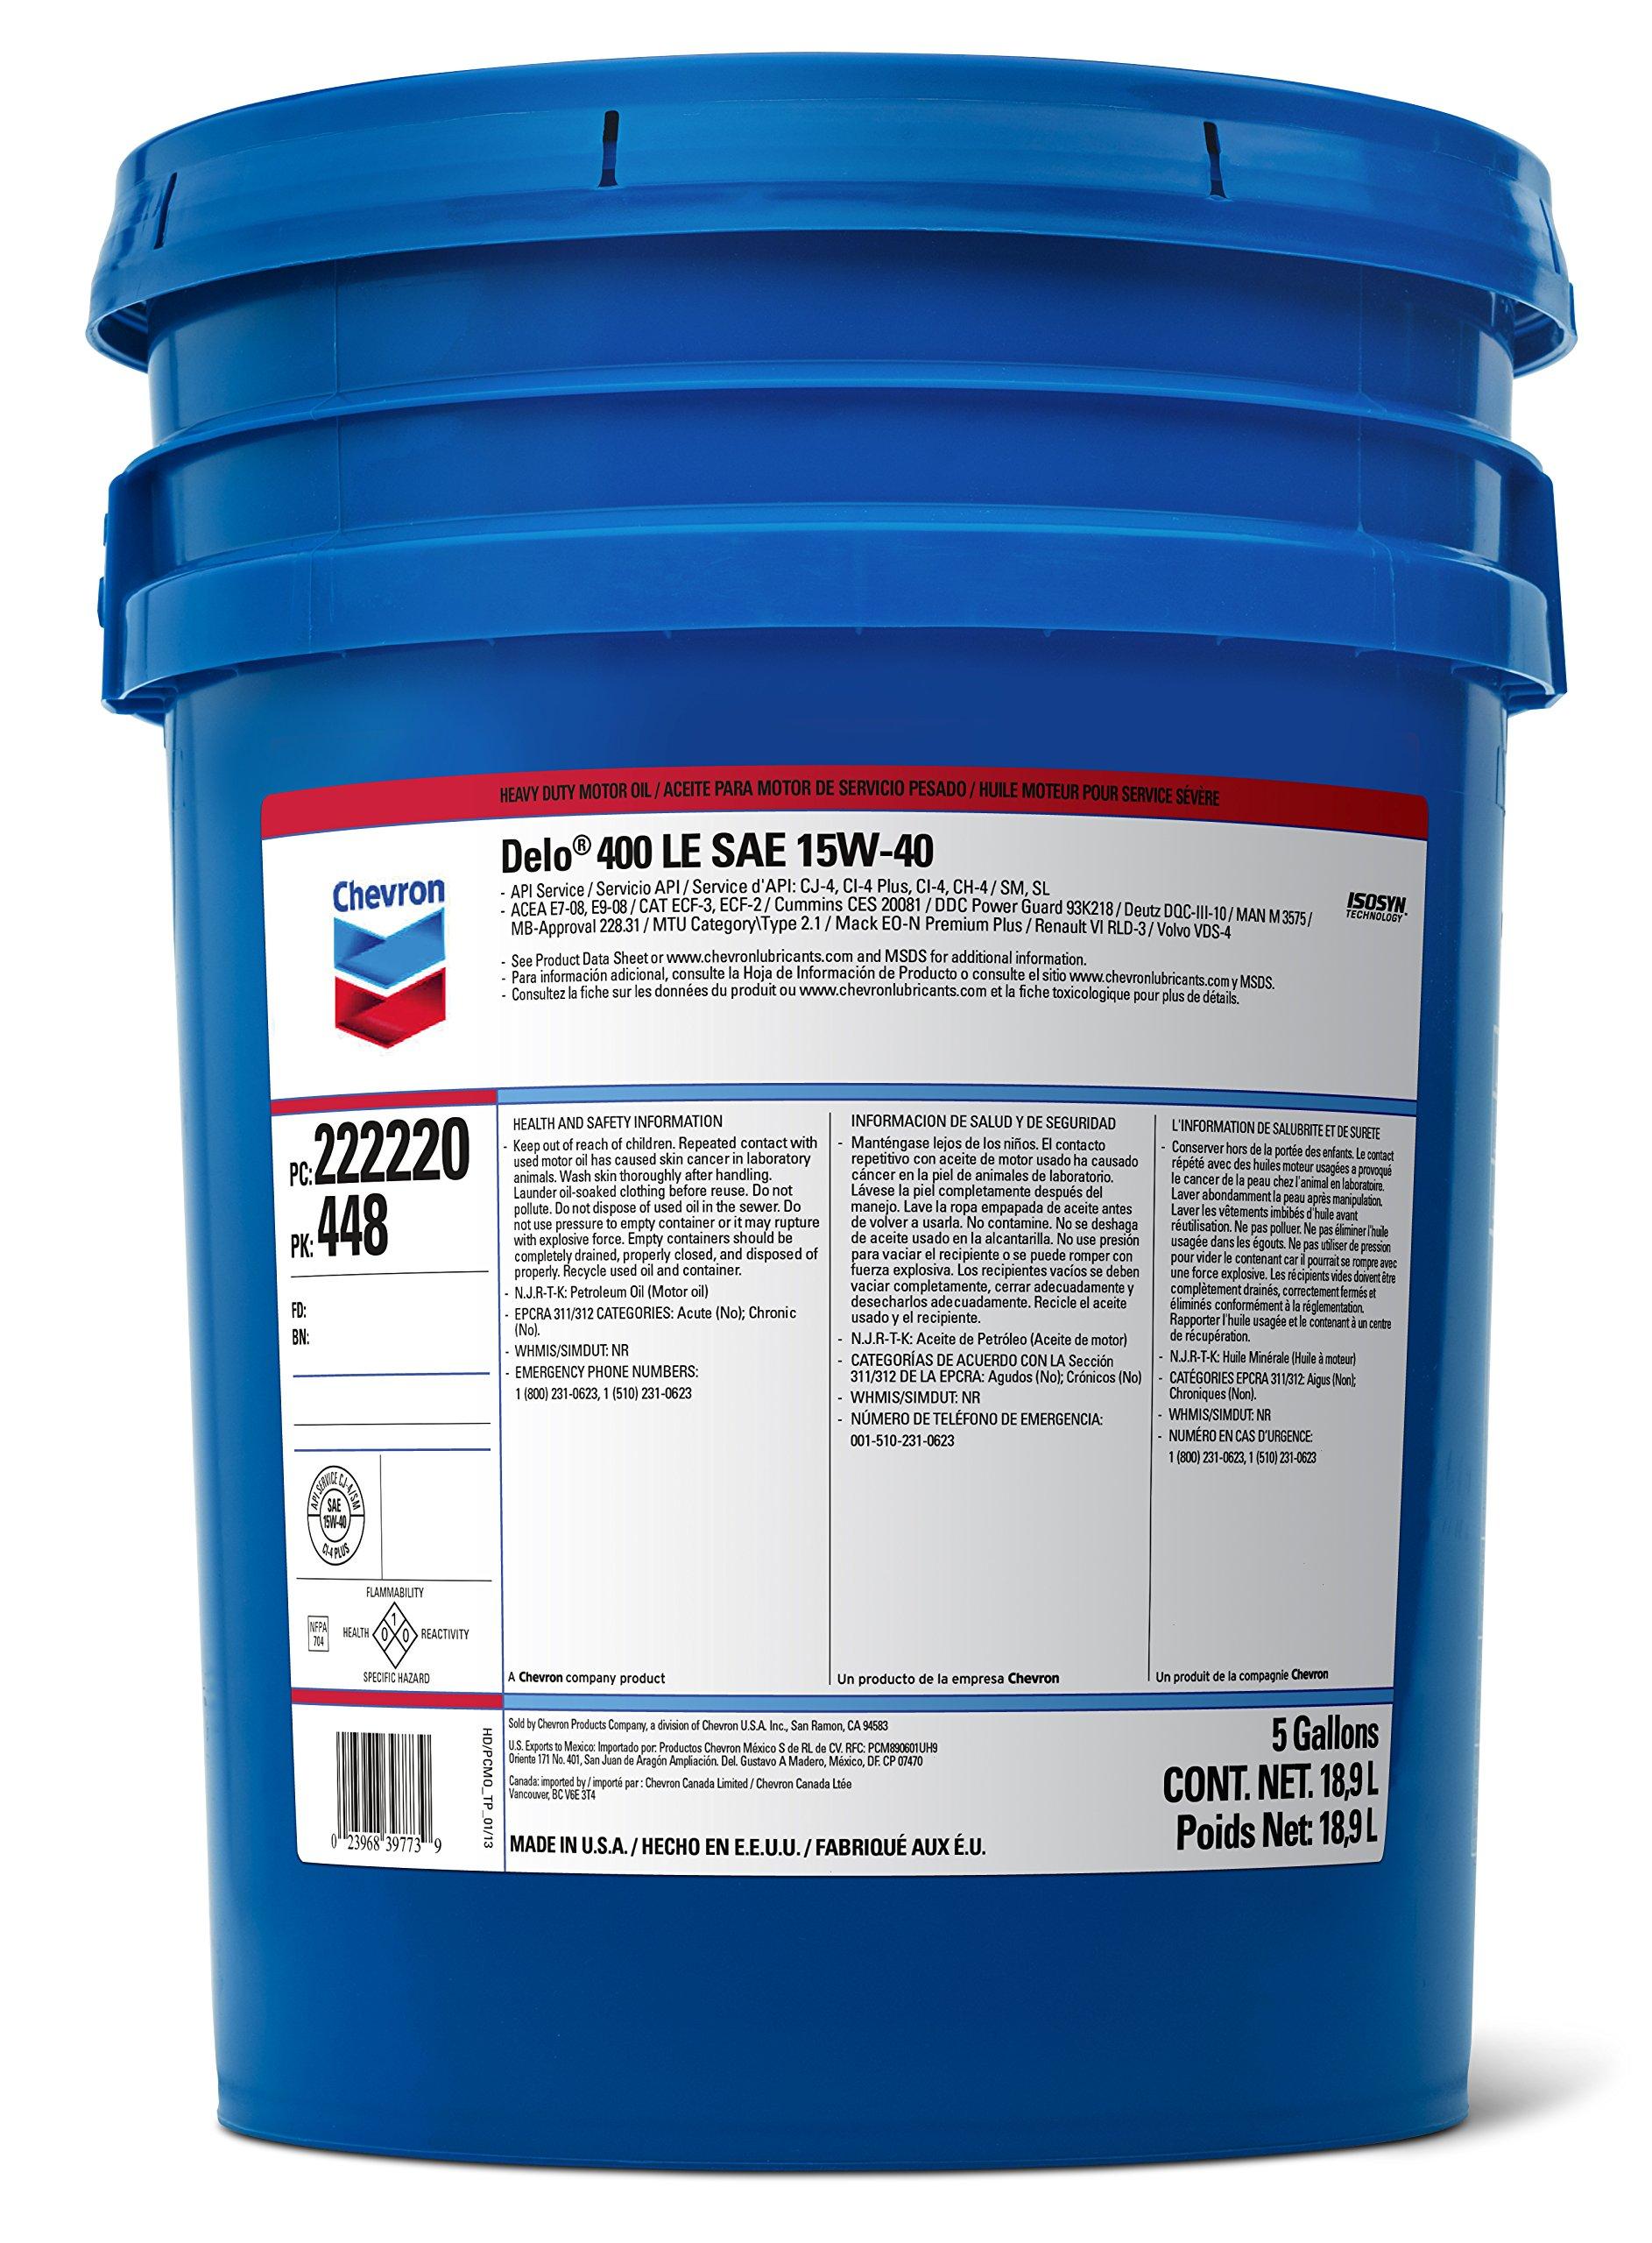 Delo 400 SDE SAE 15W-40 Motor Oil - 5 Gallon Pail by Delo